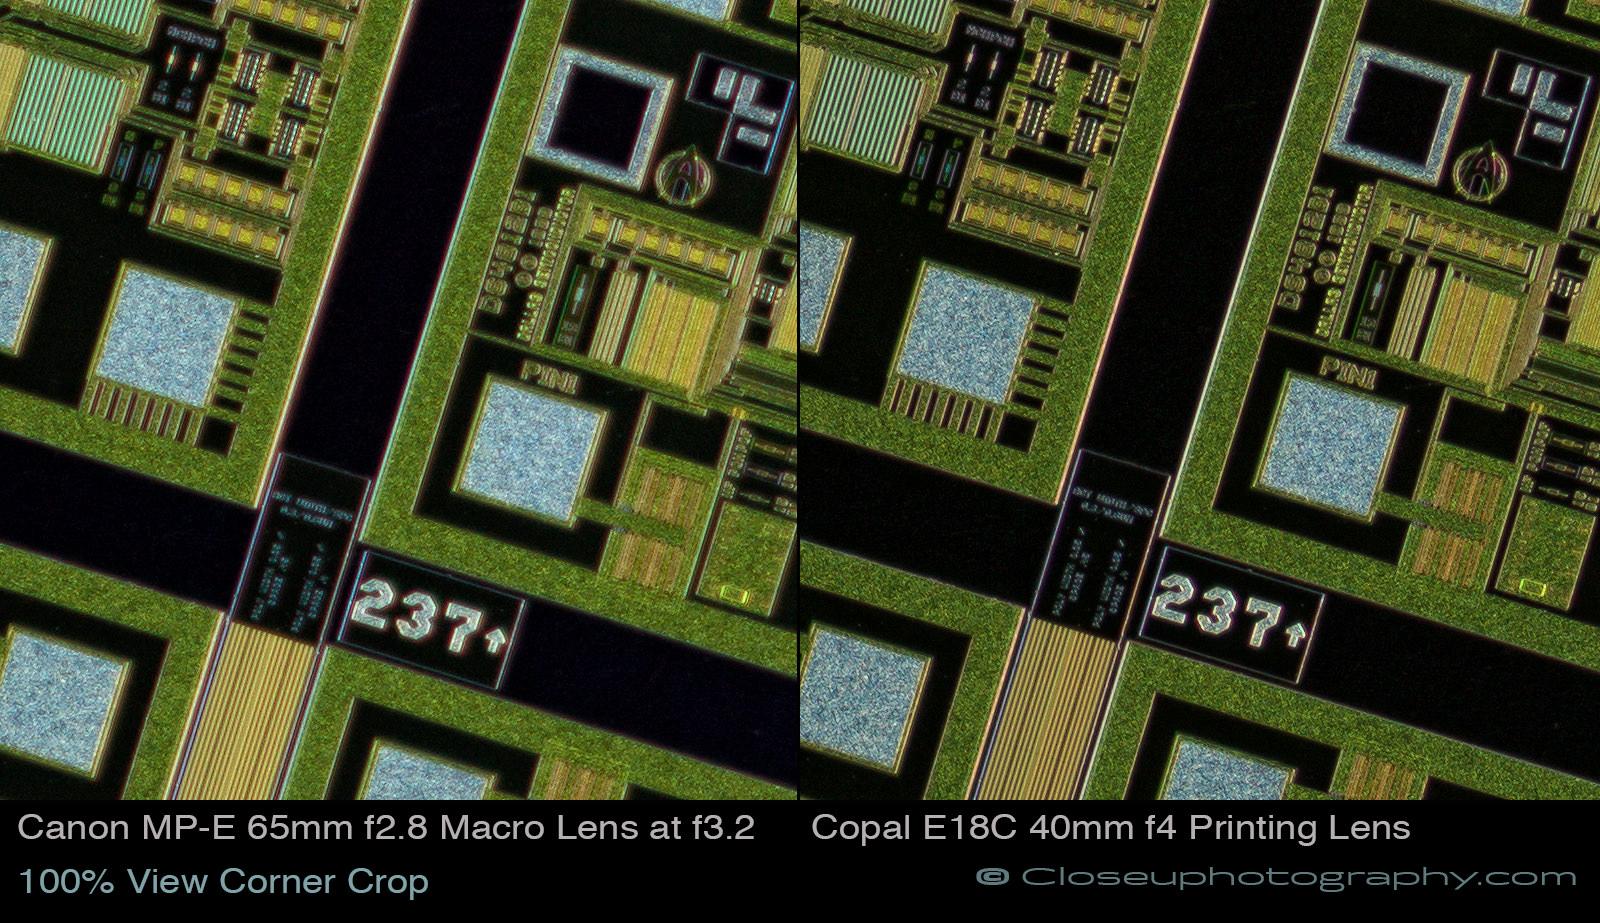 100-percent-view-corner-crop-Canon-MPE-65-vs-Copal-E18C-40mm-at-3.4x-www-Closeuphotography-com.jpg